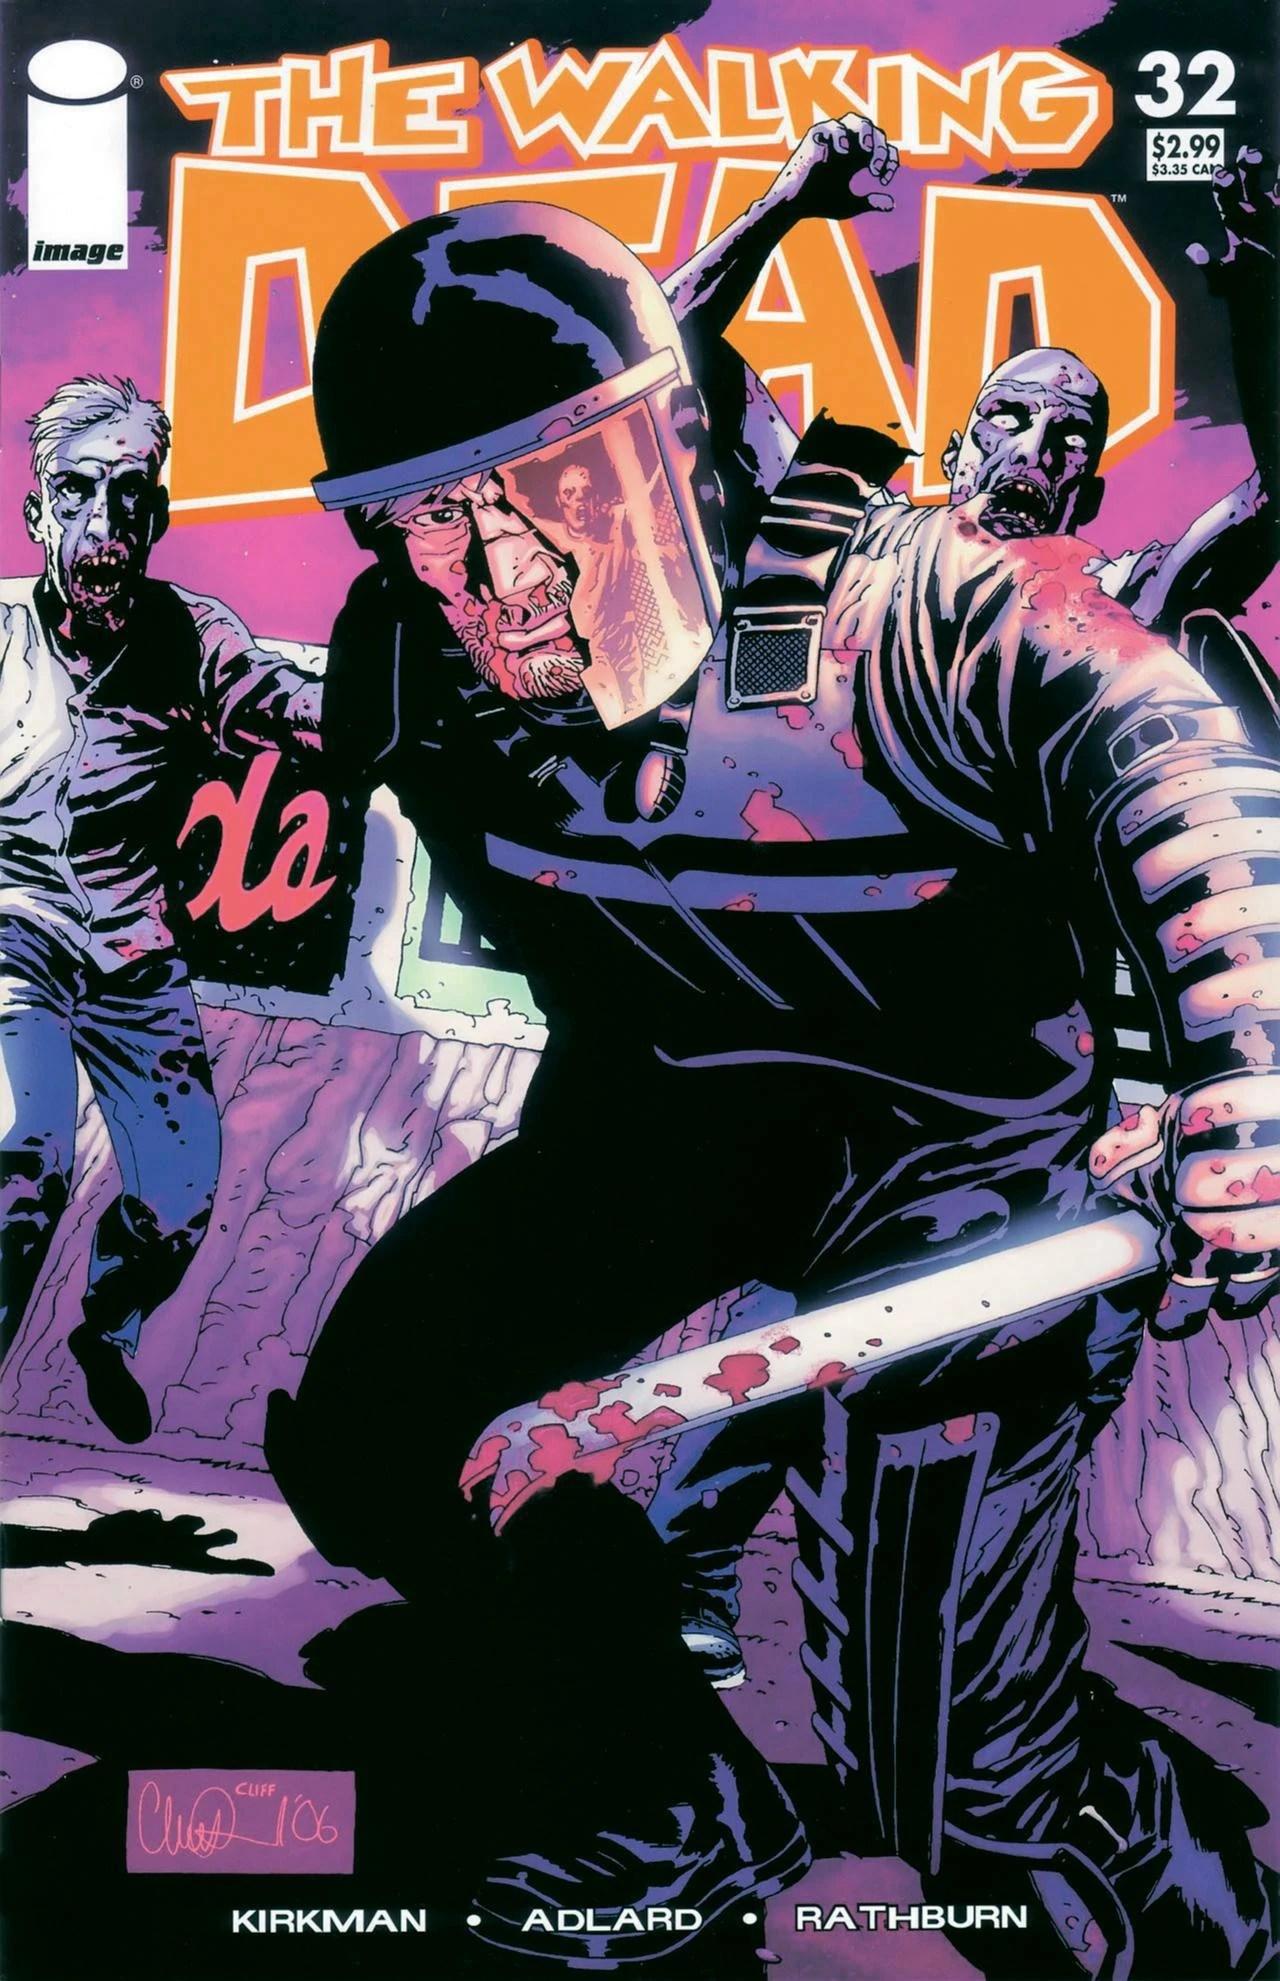 Issue 32  Walking Dead Wiki  Wikia